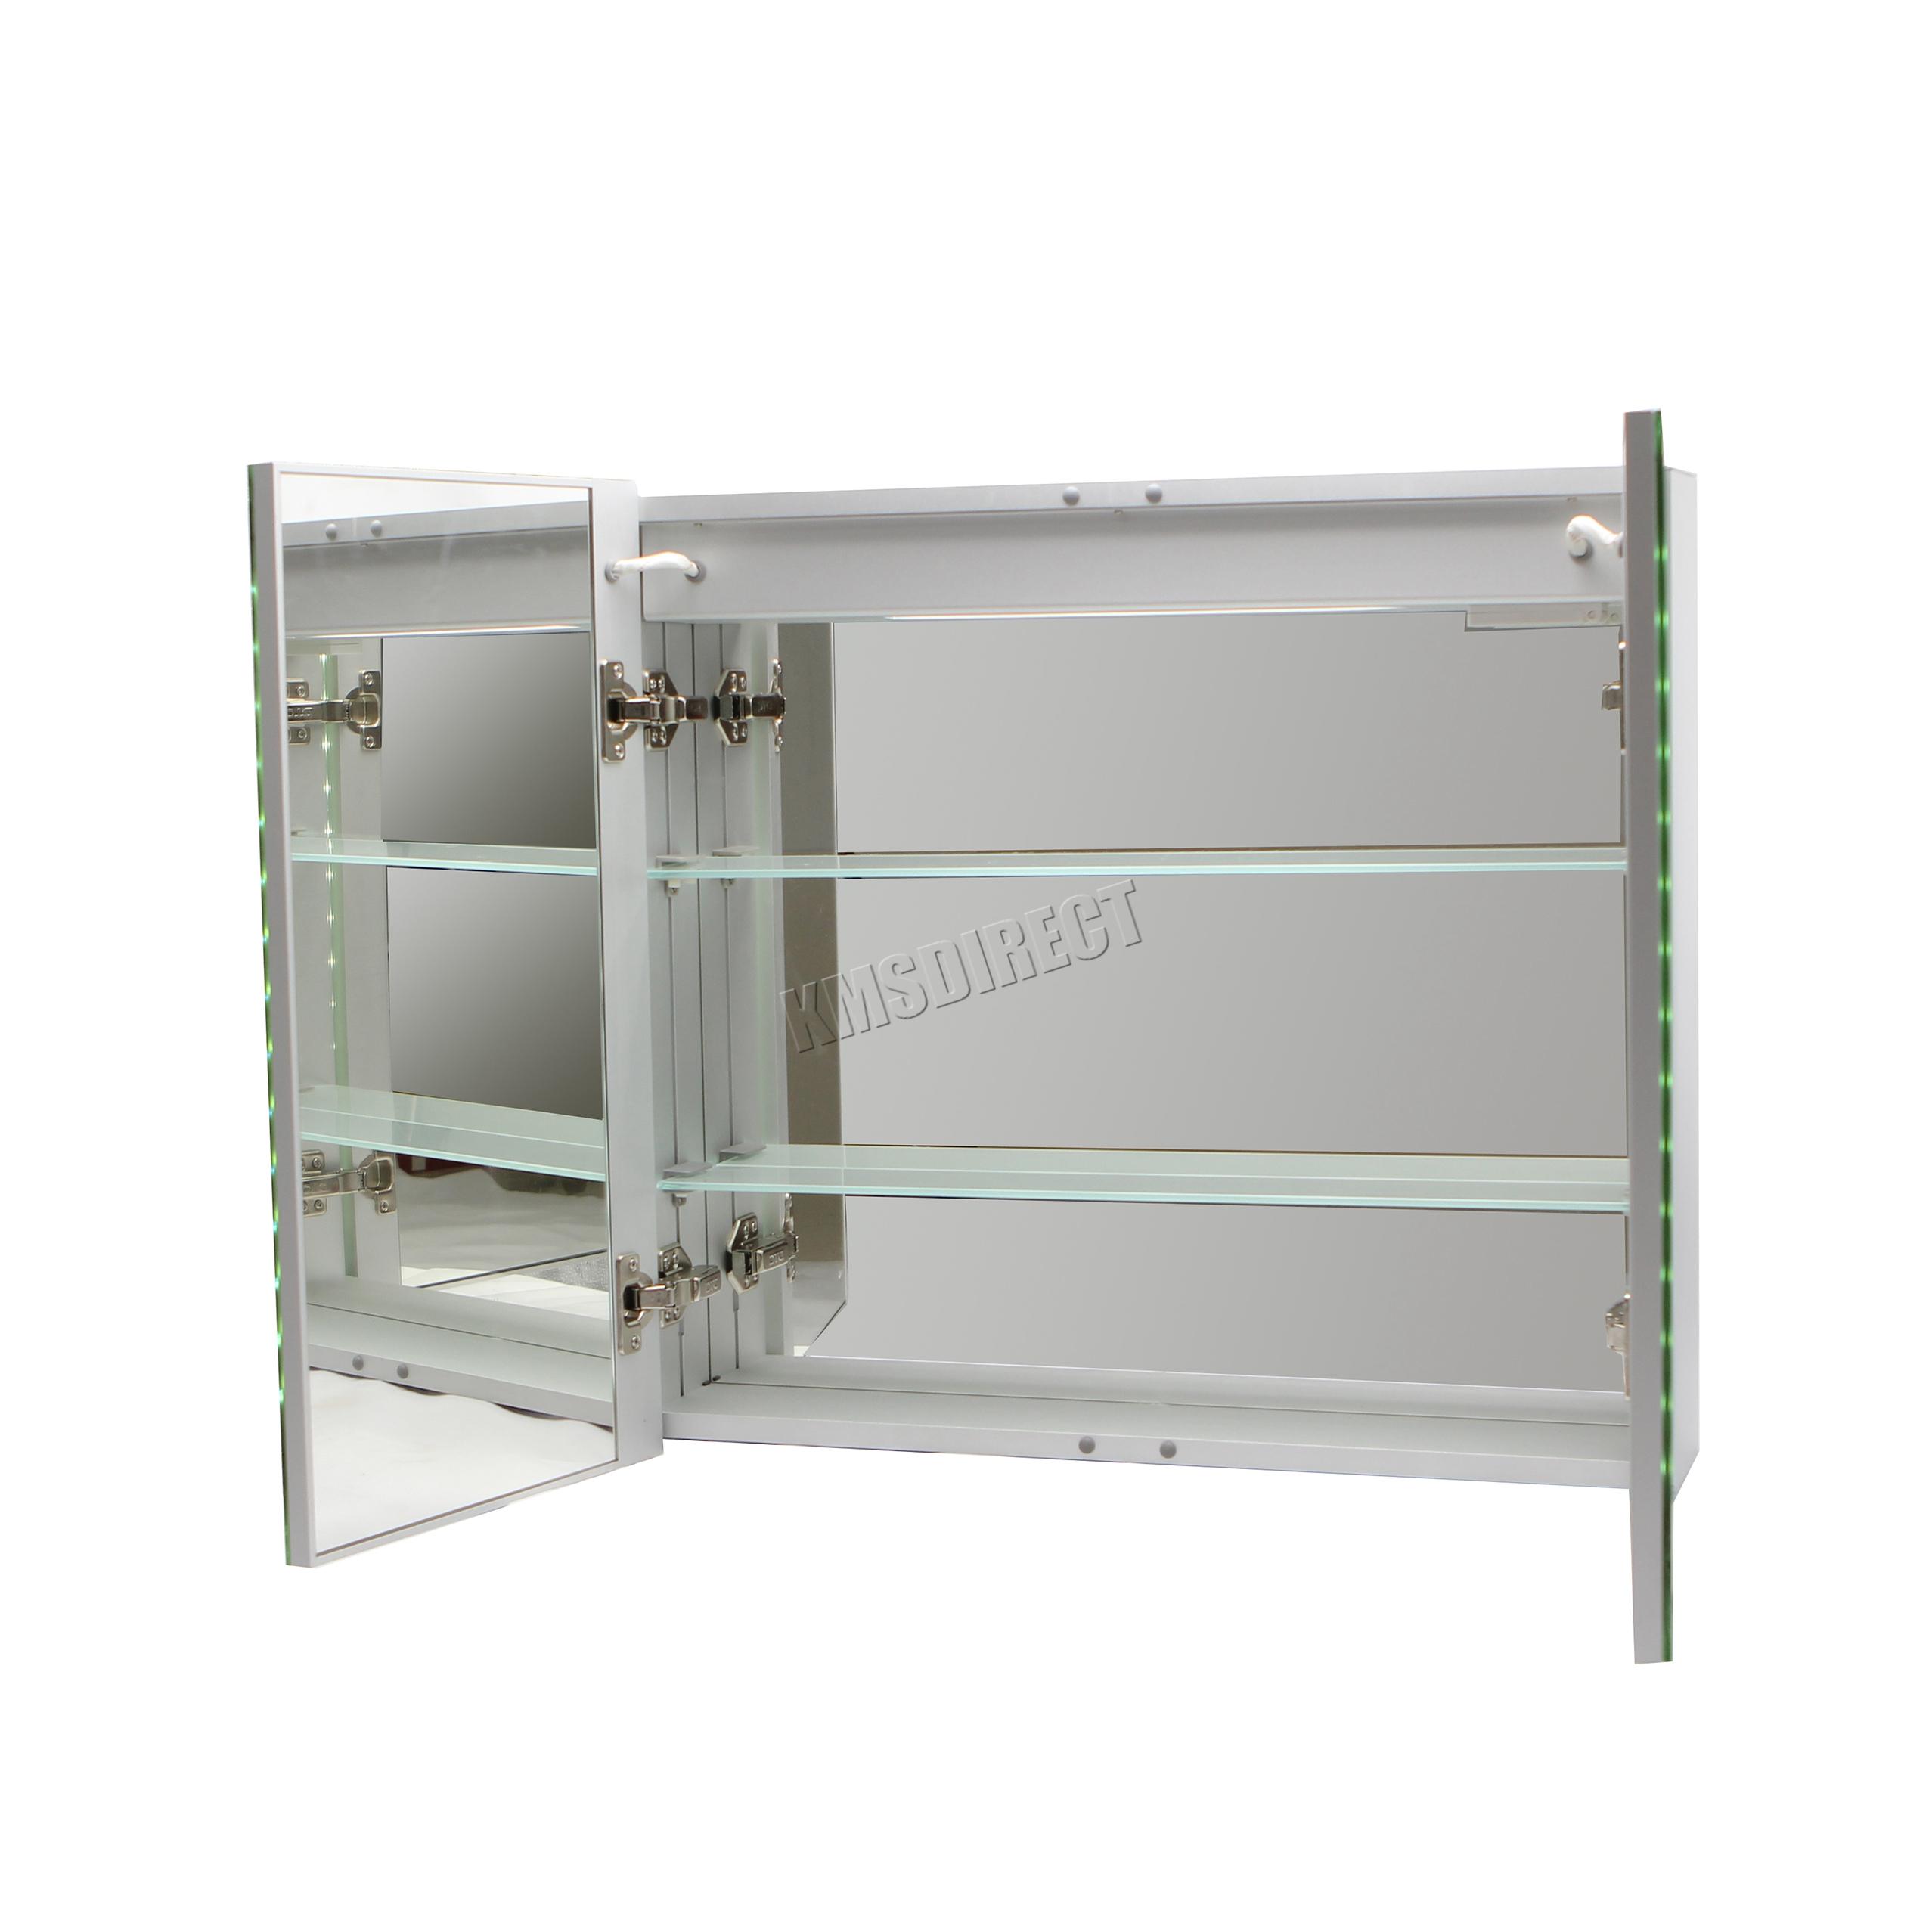 Foxhunter del clair miroir meuble salle bain acier for Placard salle de bain miroir